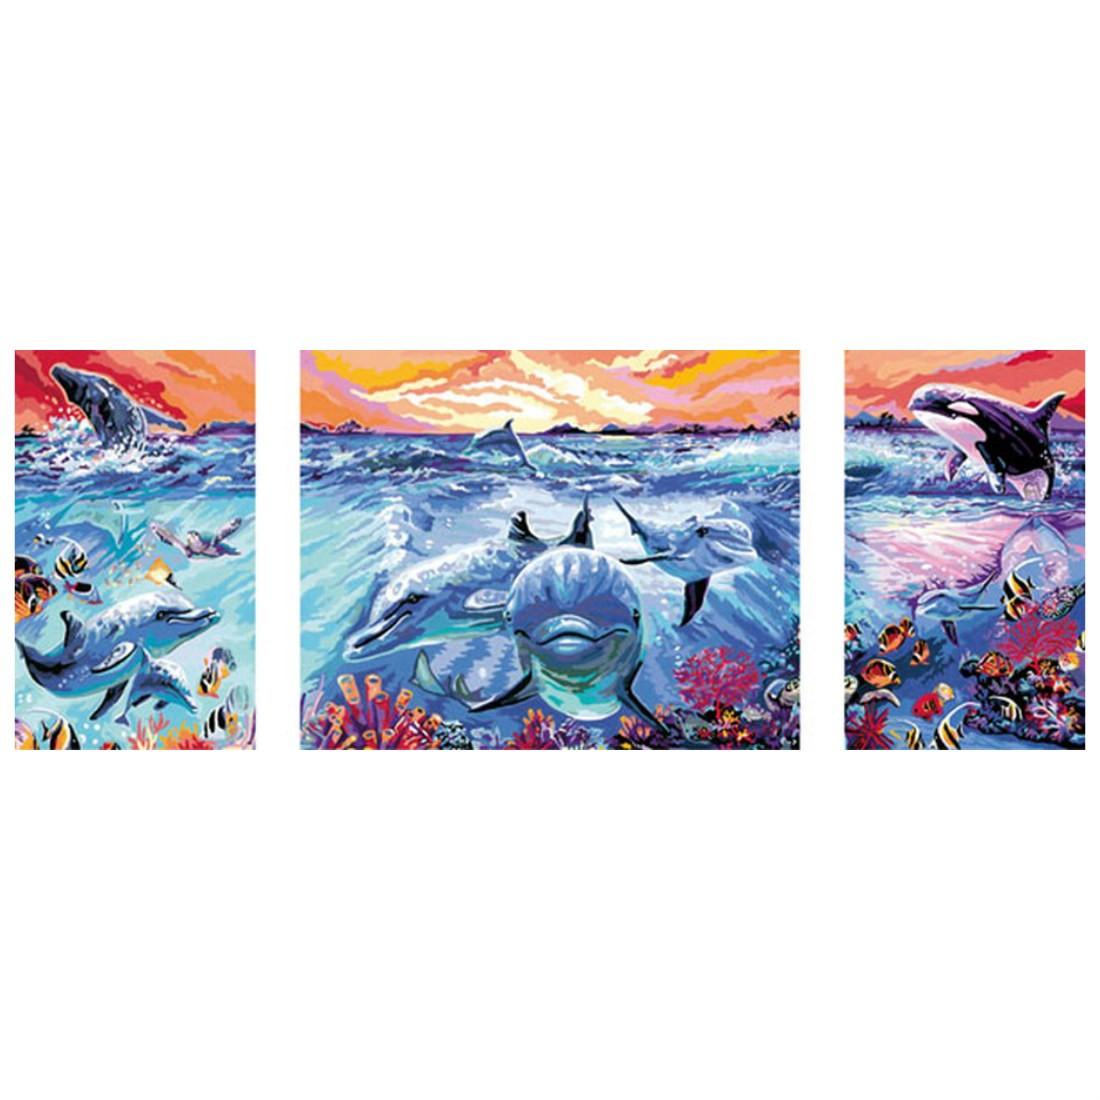 Farbenfrohe Unterwasserwelt - Malen nach Zahlen, 41,99 €